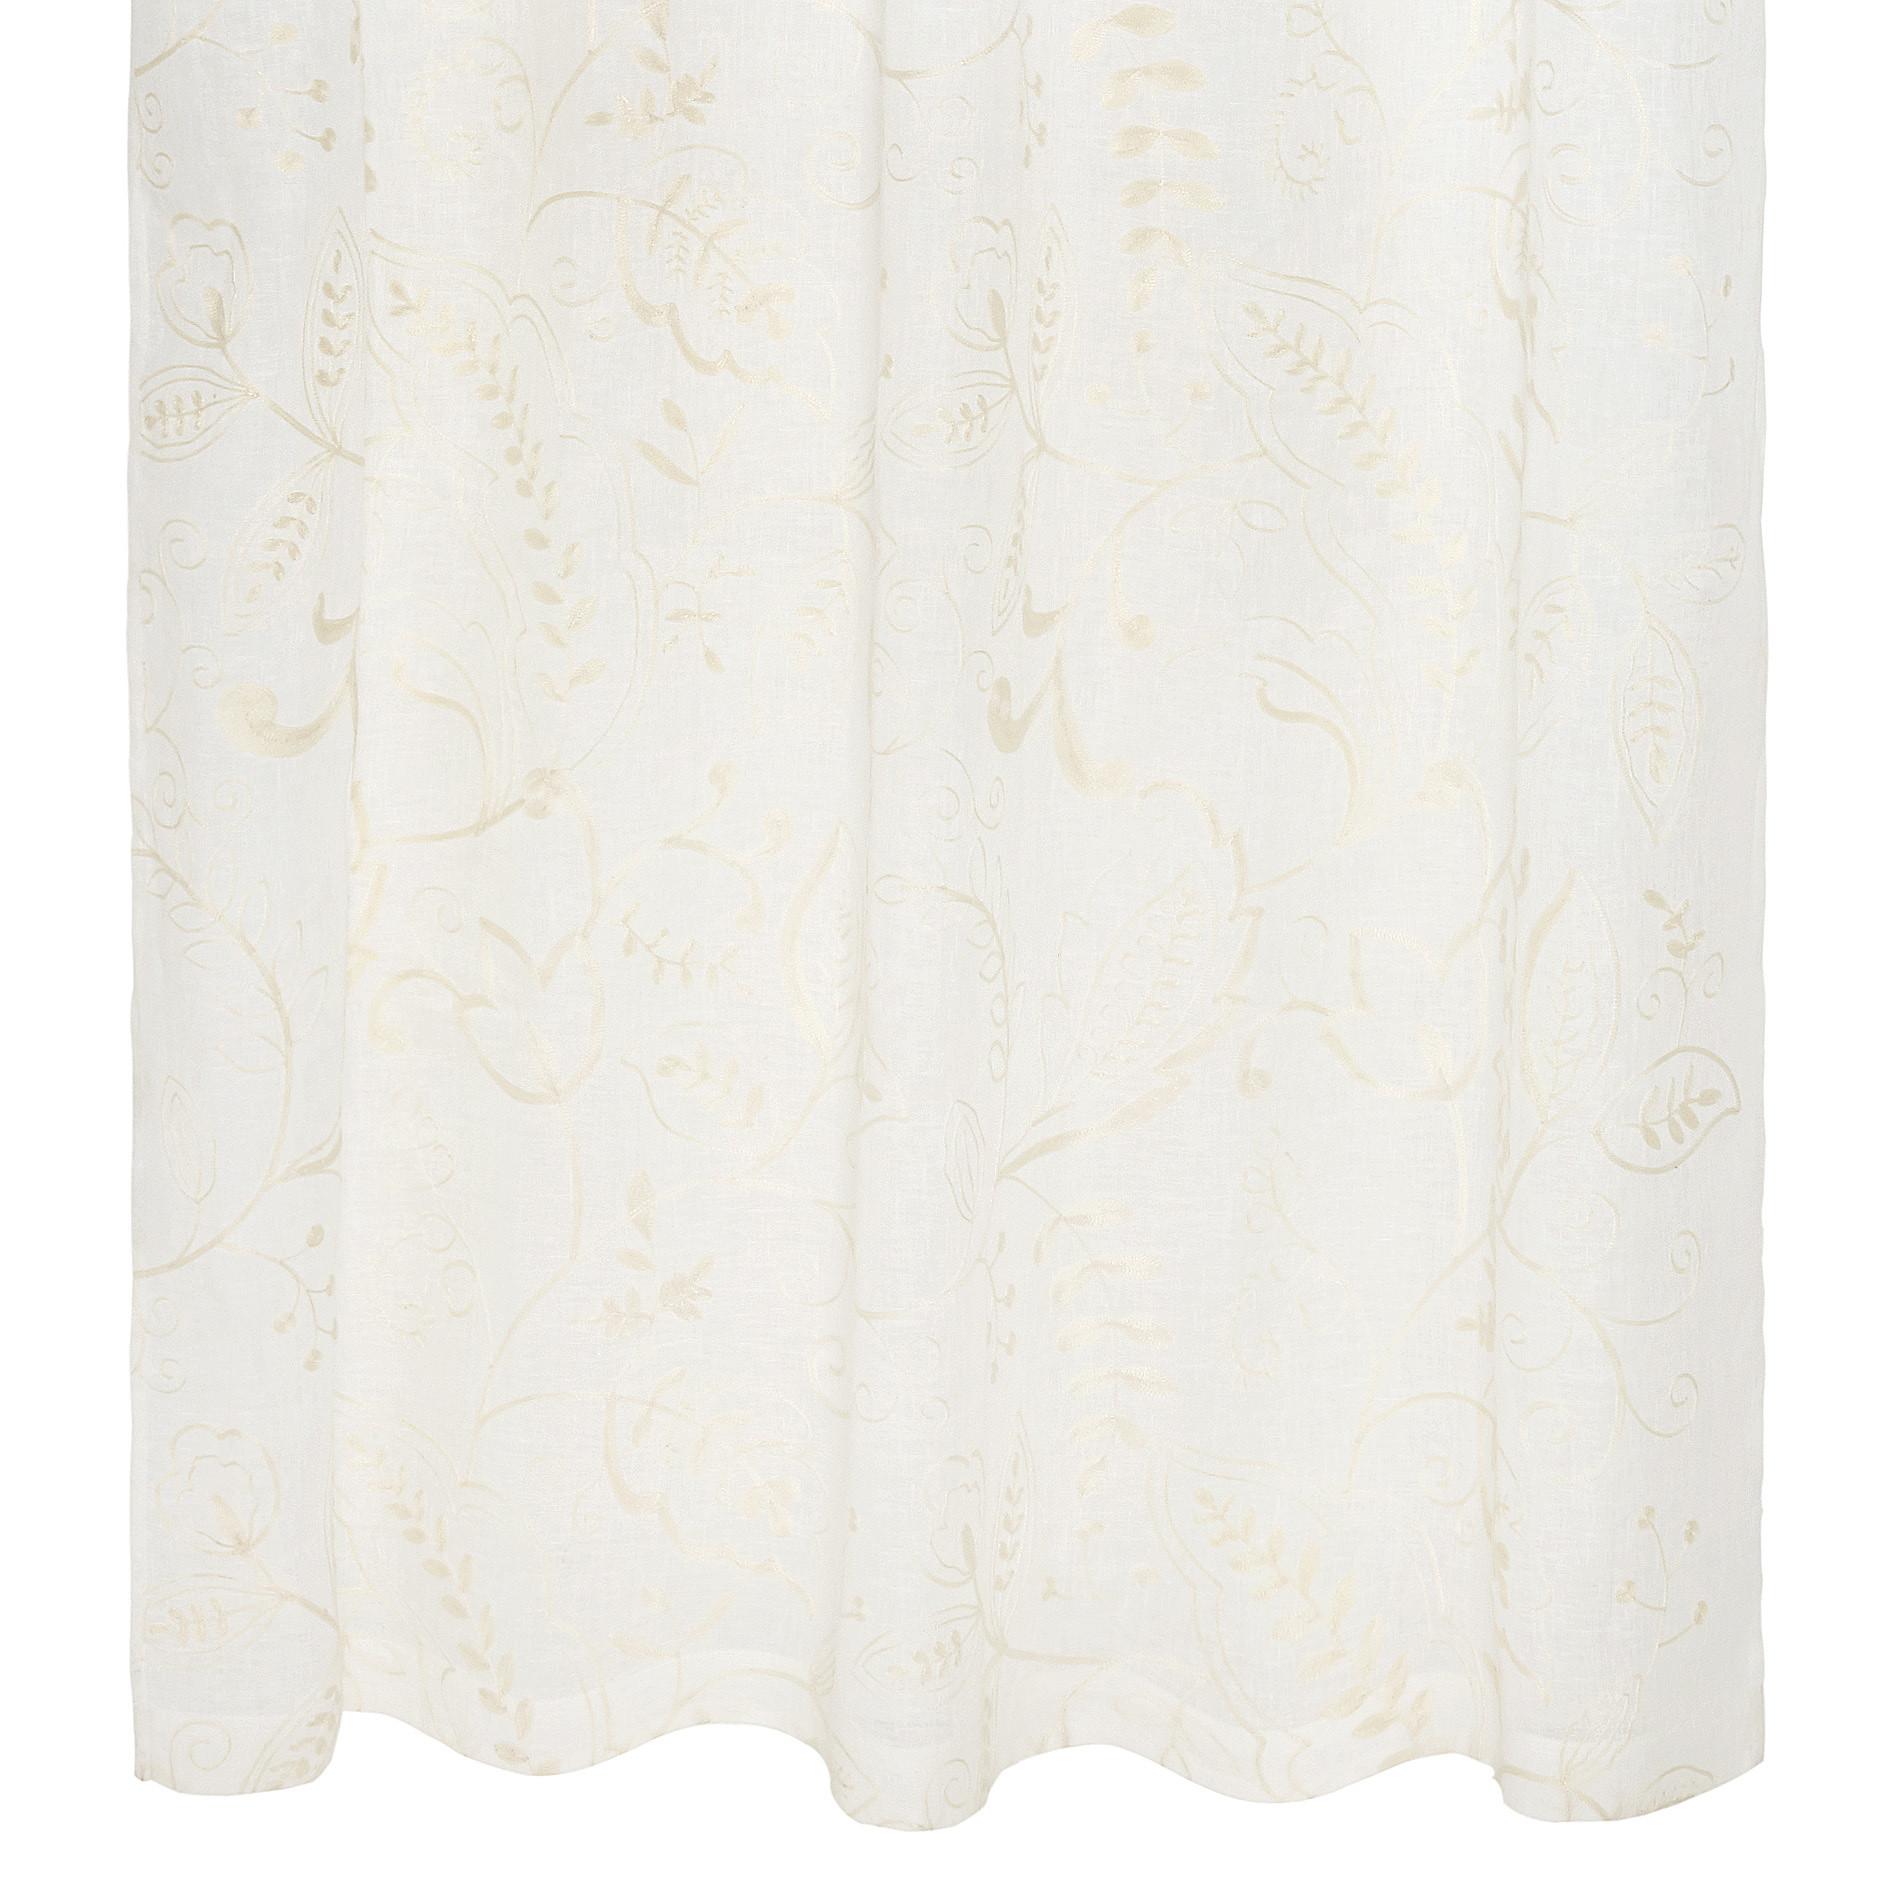 Tenda puro lino ricami floreali, Bianco, large image number 1